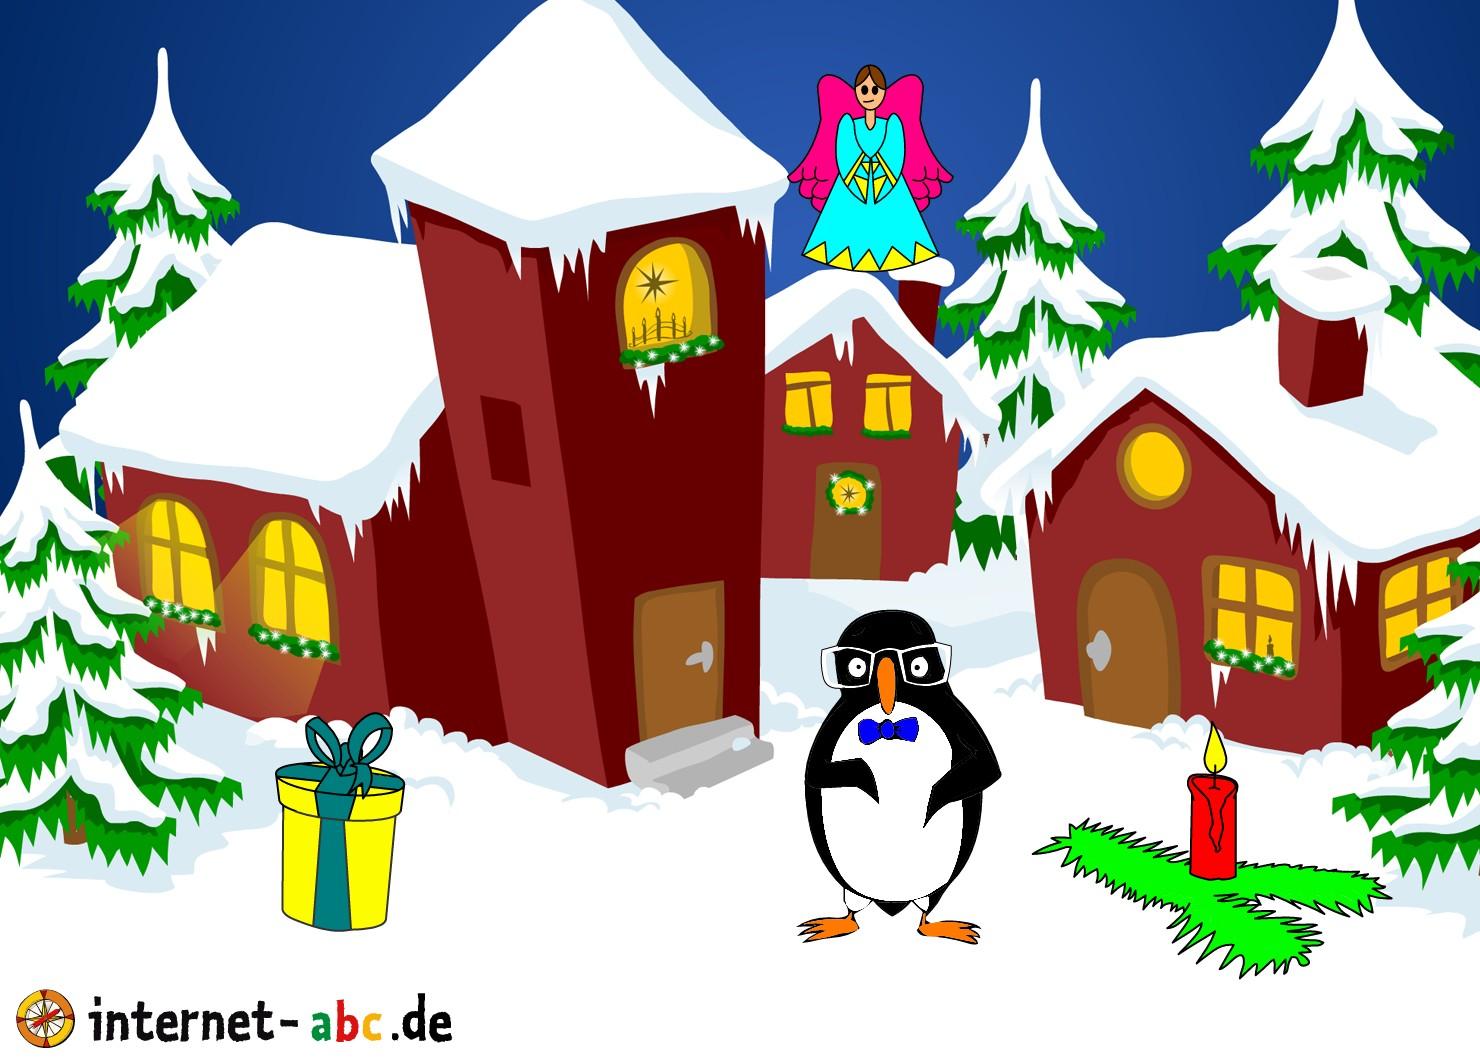 Christkind Bilder Weihnachten.Das Christkind Weihnachten Internet Abc